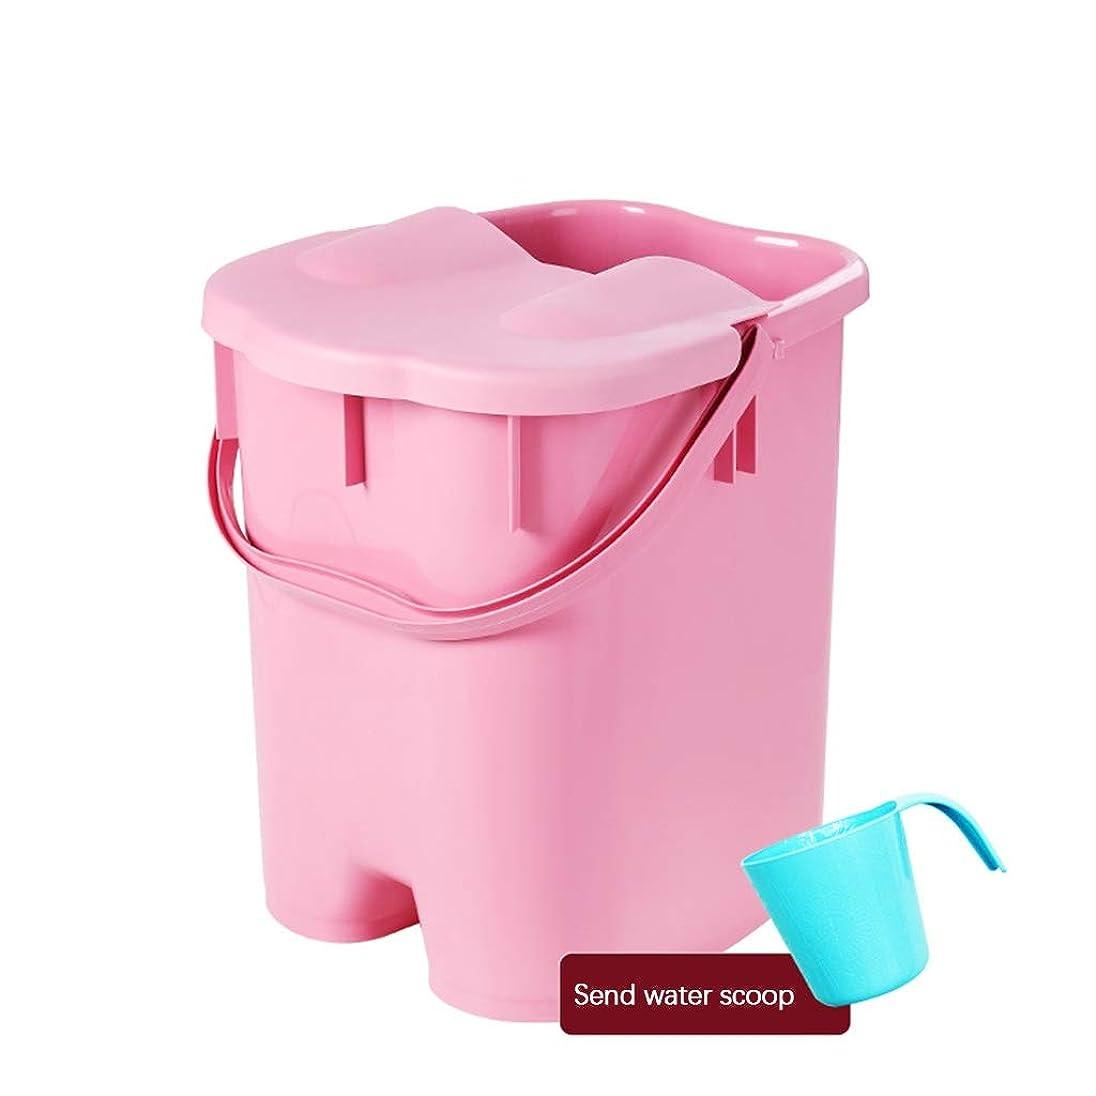 目指す請求可能不適ISHOWER マッサージ浴槽プラスチック製の足湯バケツふた付き保温足風呂洗面器大人用スパボウル家庭用 (Color : Pink, Size : 27*30.5*38.5cm)